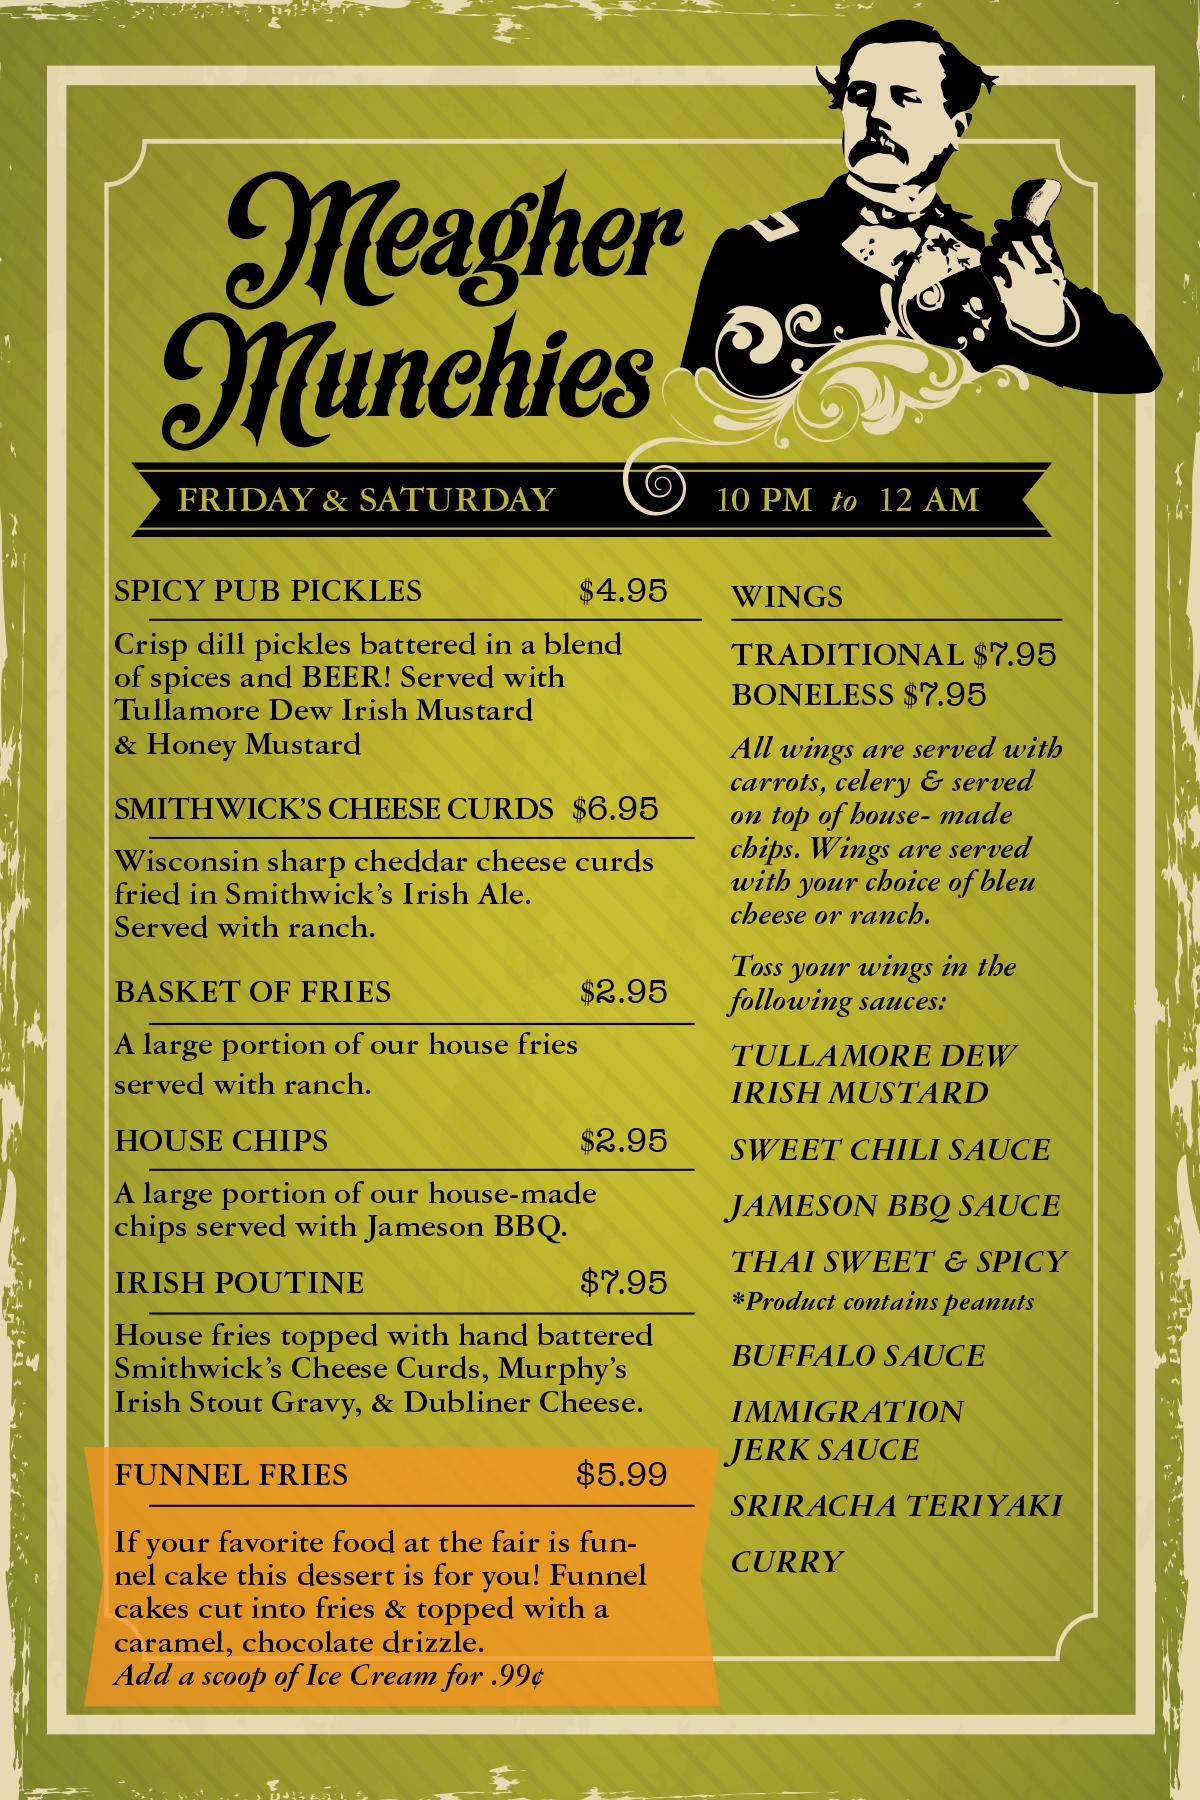 Meagher-Munchies-Menu